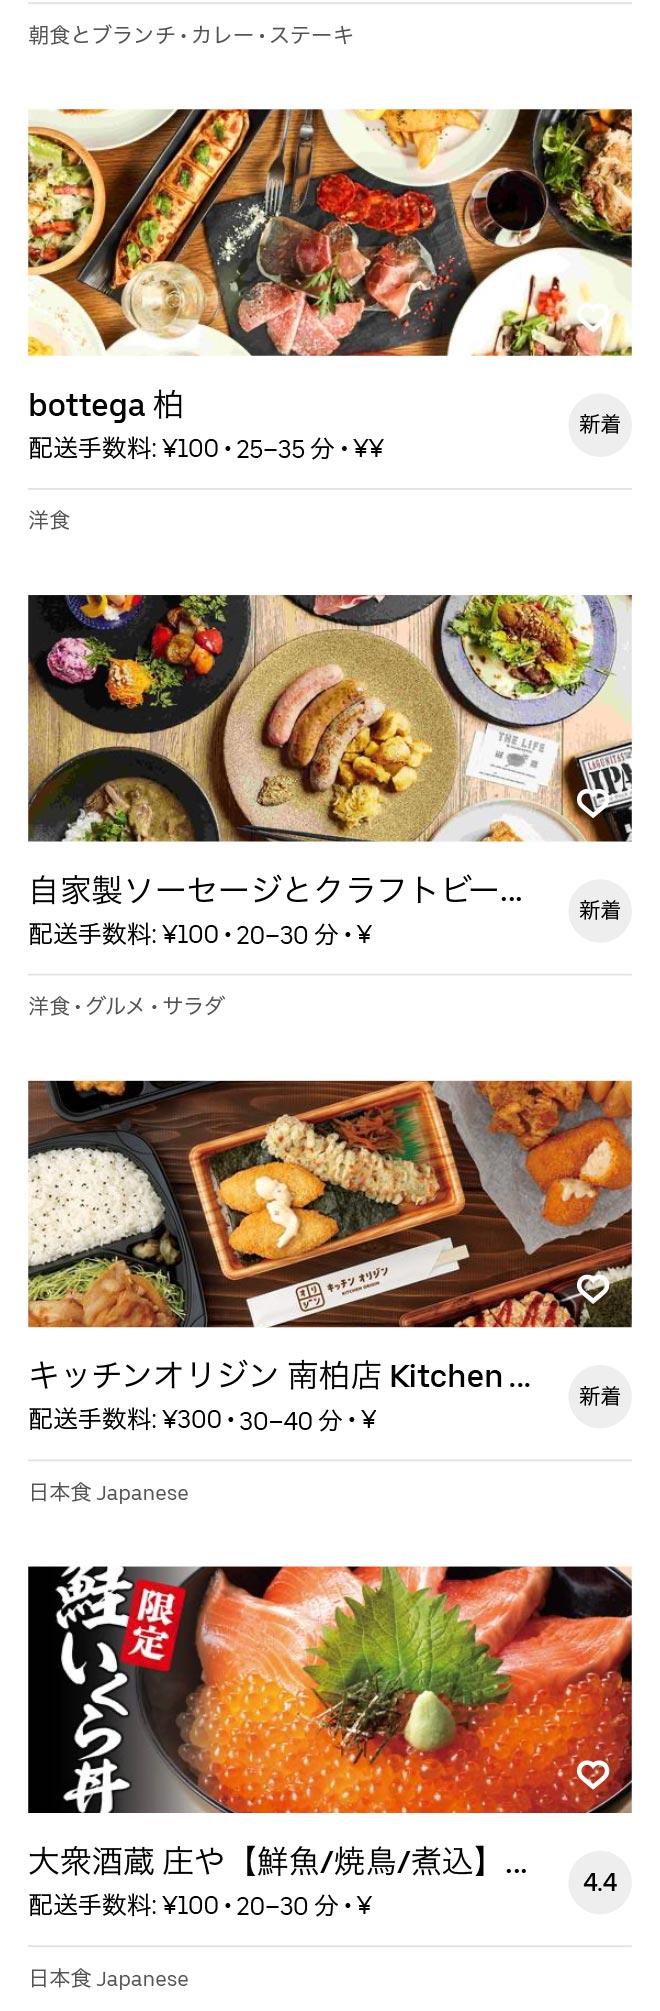 Kashiwa menu 2007 03